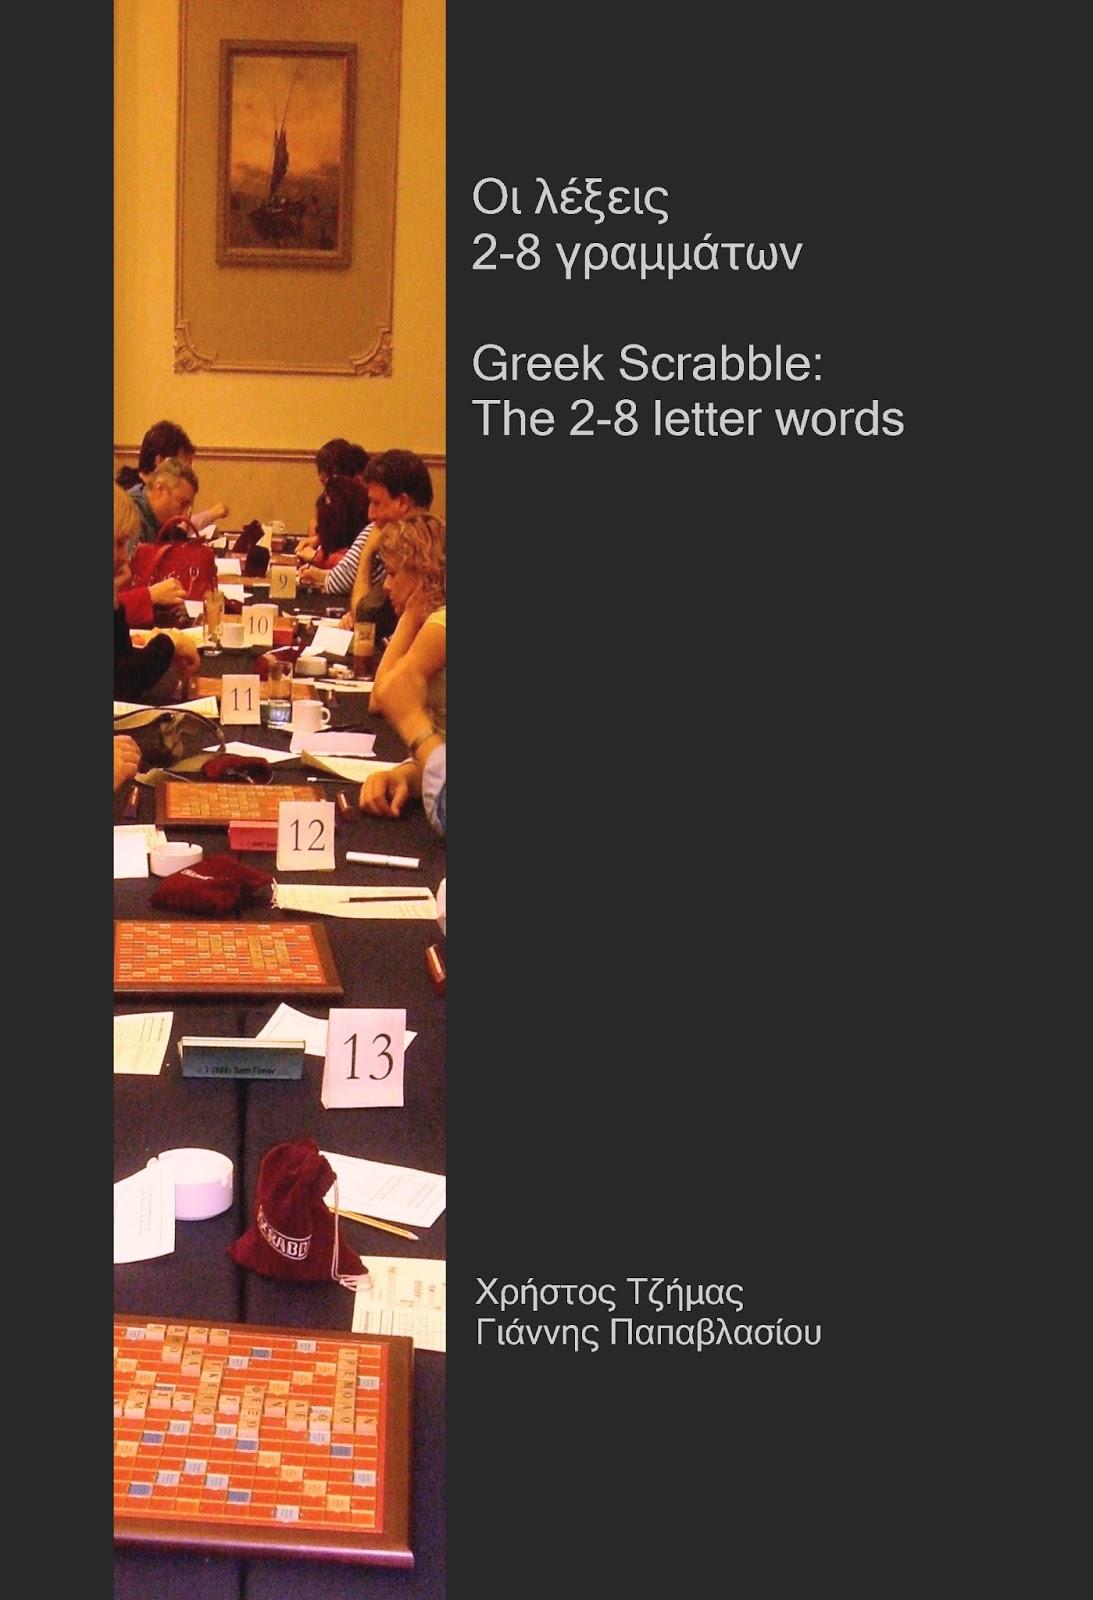 Οι λέξεις 2-8 γραμμάτων (4η έκδοση)